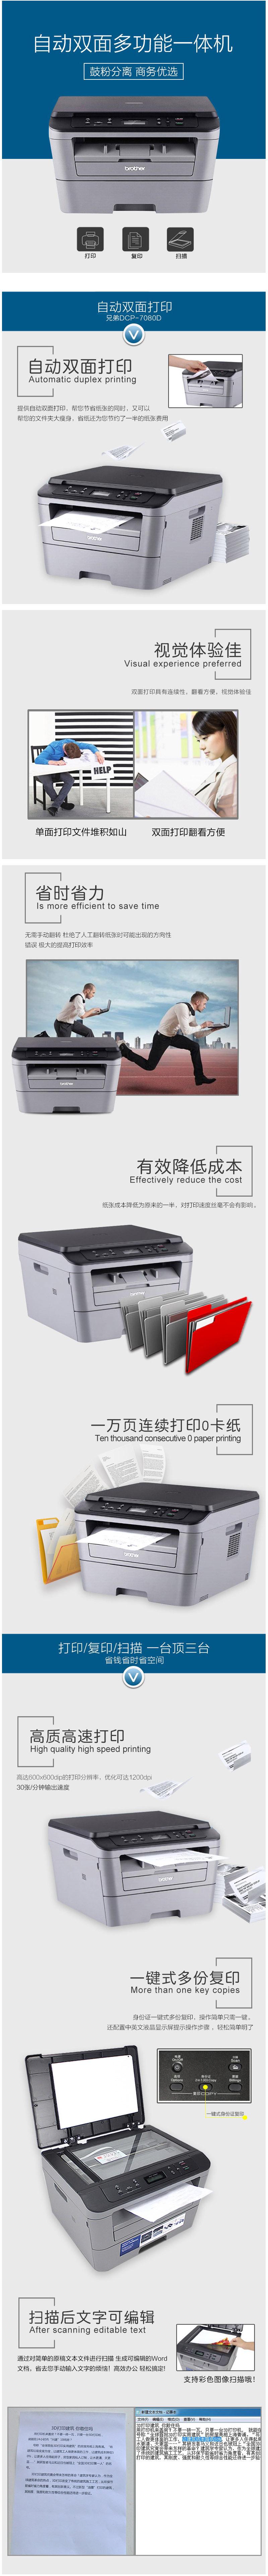 Brother(兄弟) DCP-7080D 黑白激光多功能一体机(打印 复印 扫描 自动双面)1